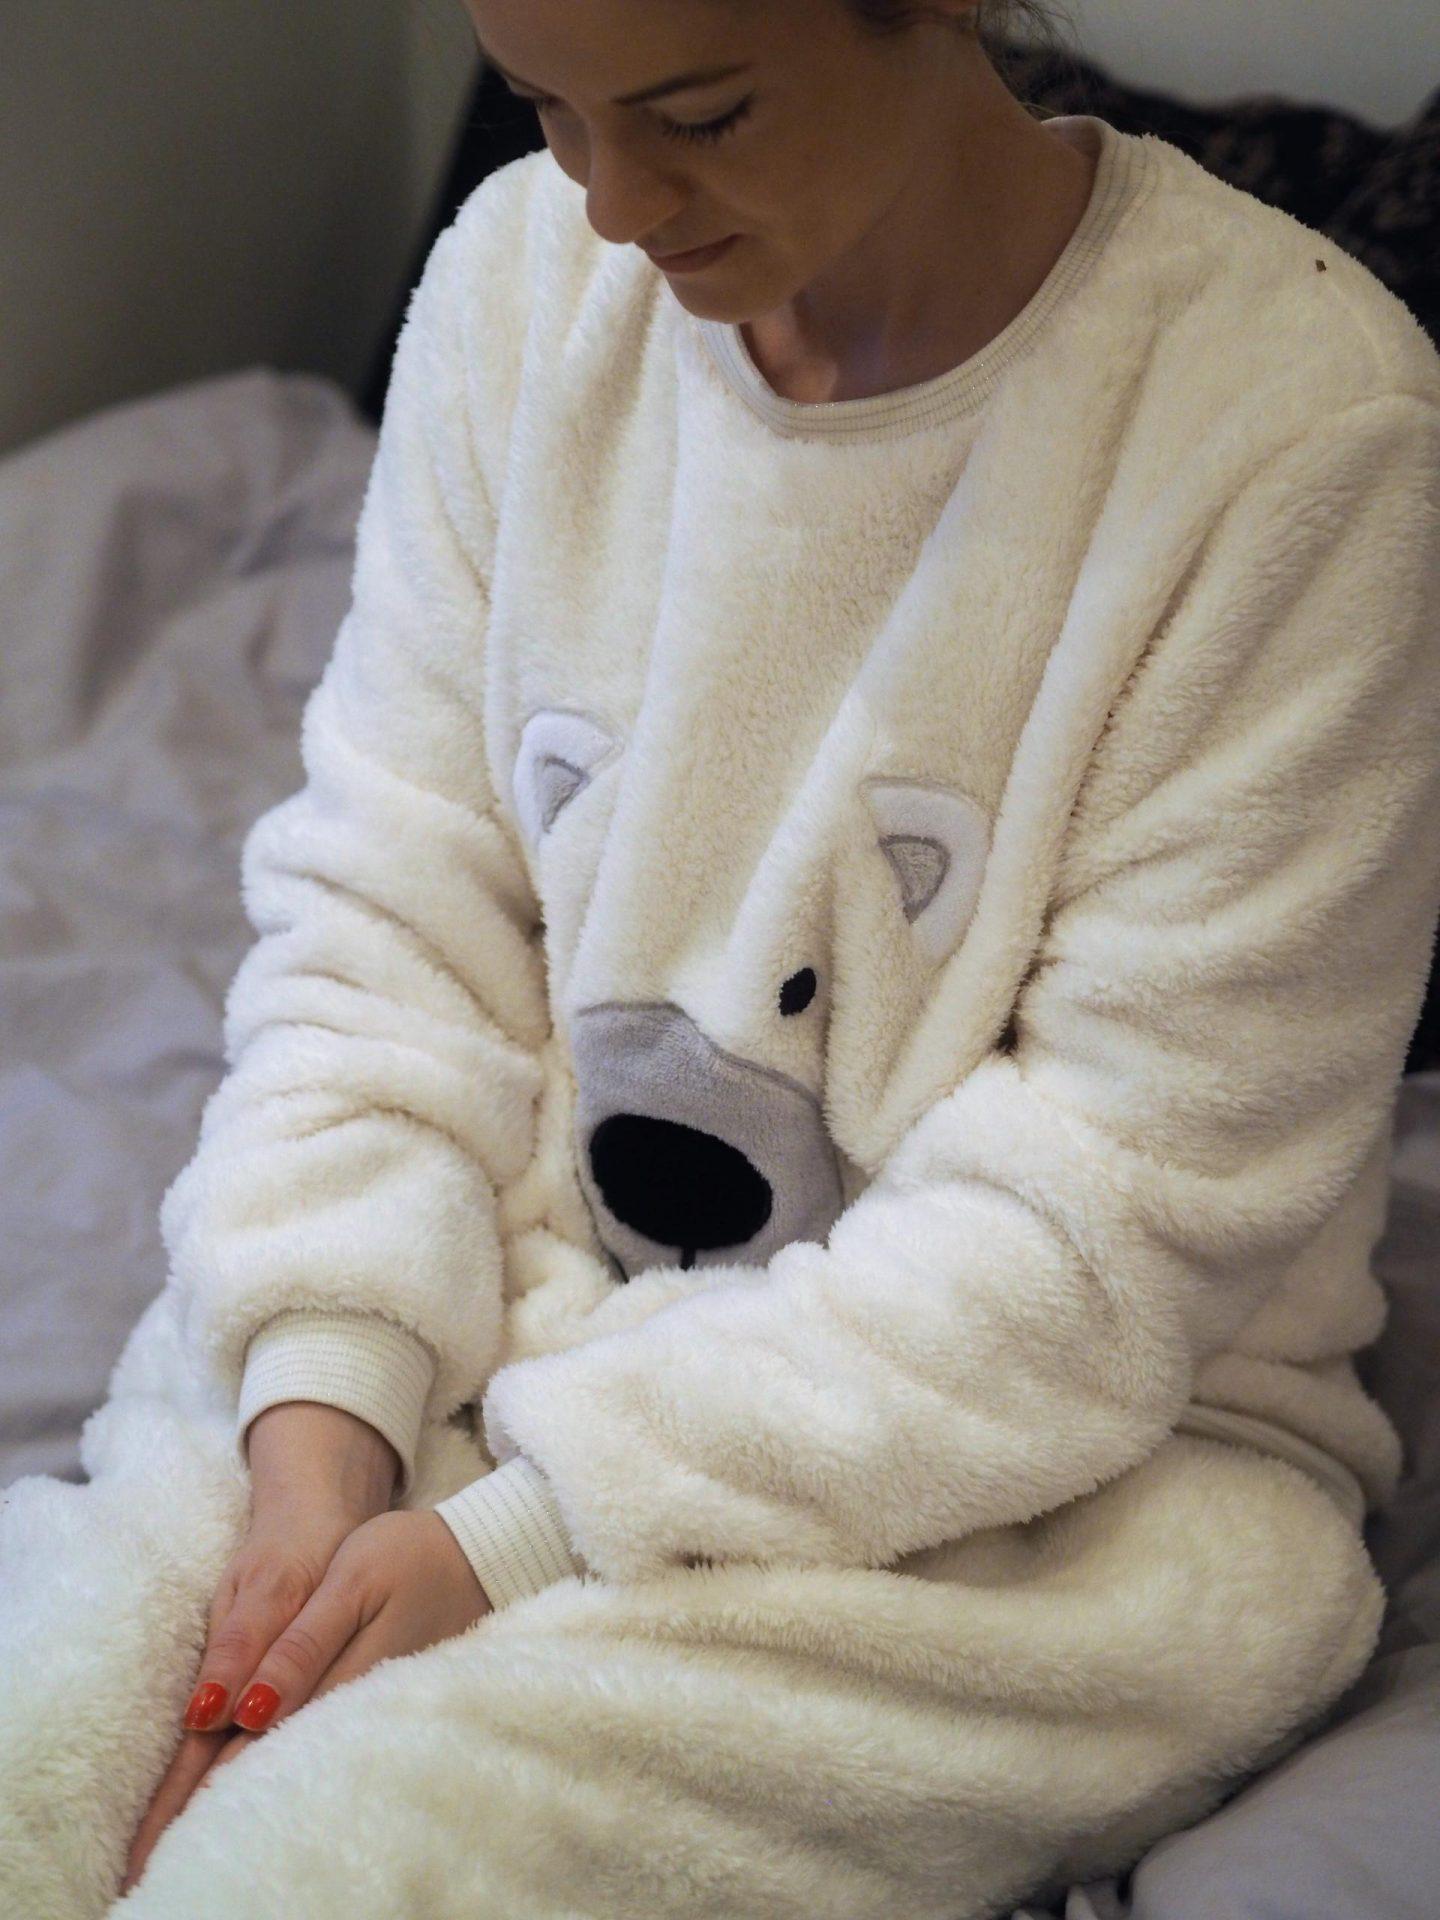 Avon Polar Bear Snuggle PJs for Christmas